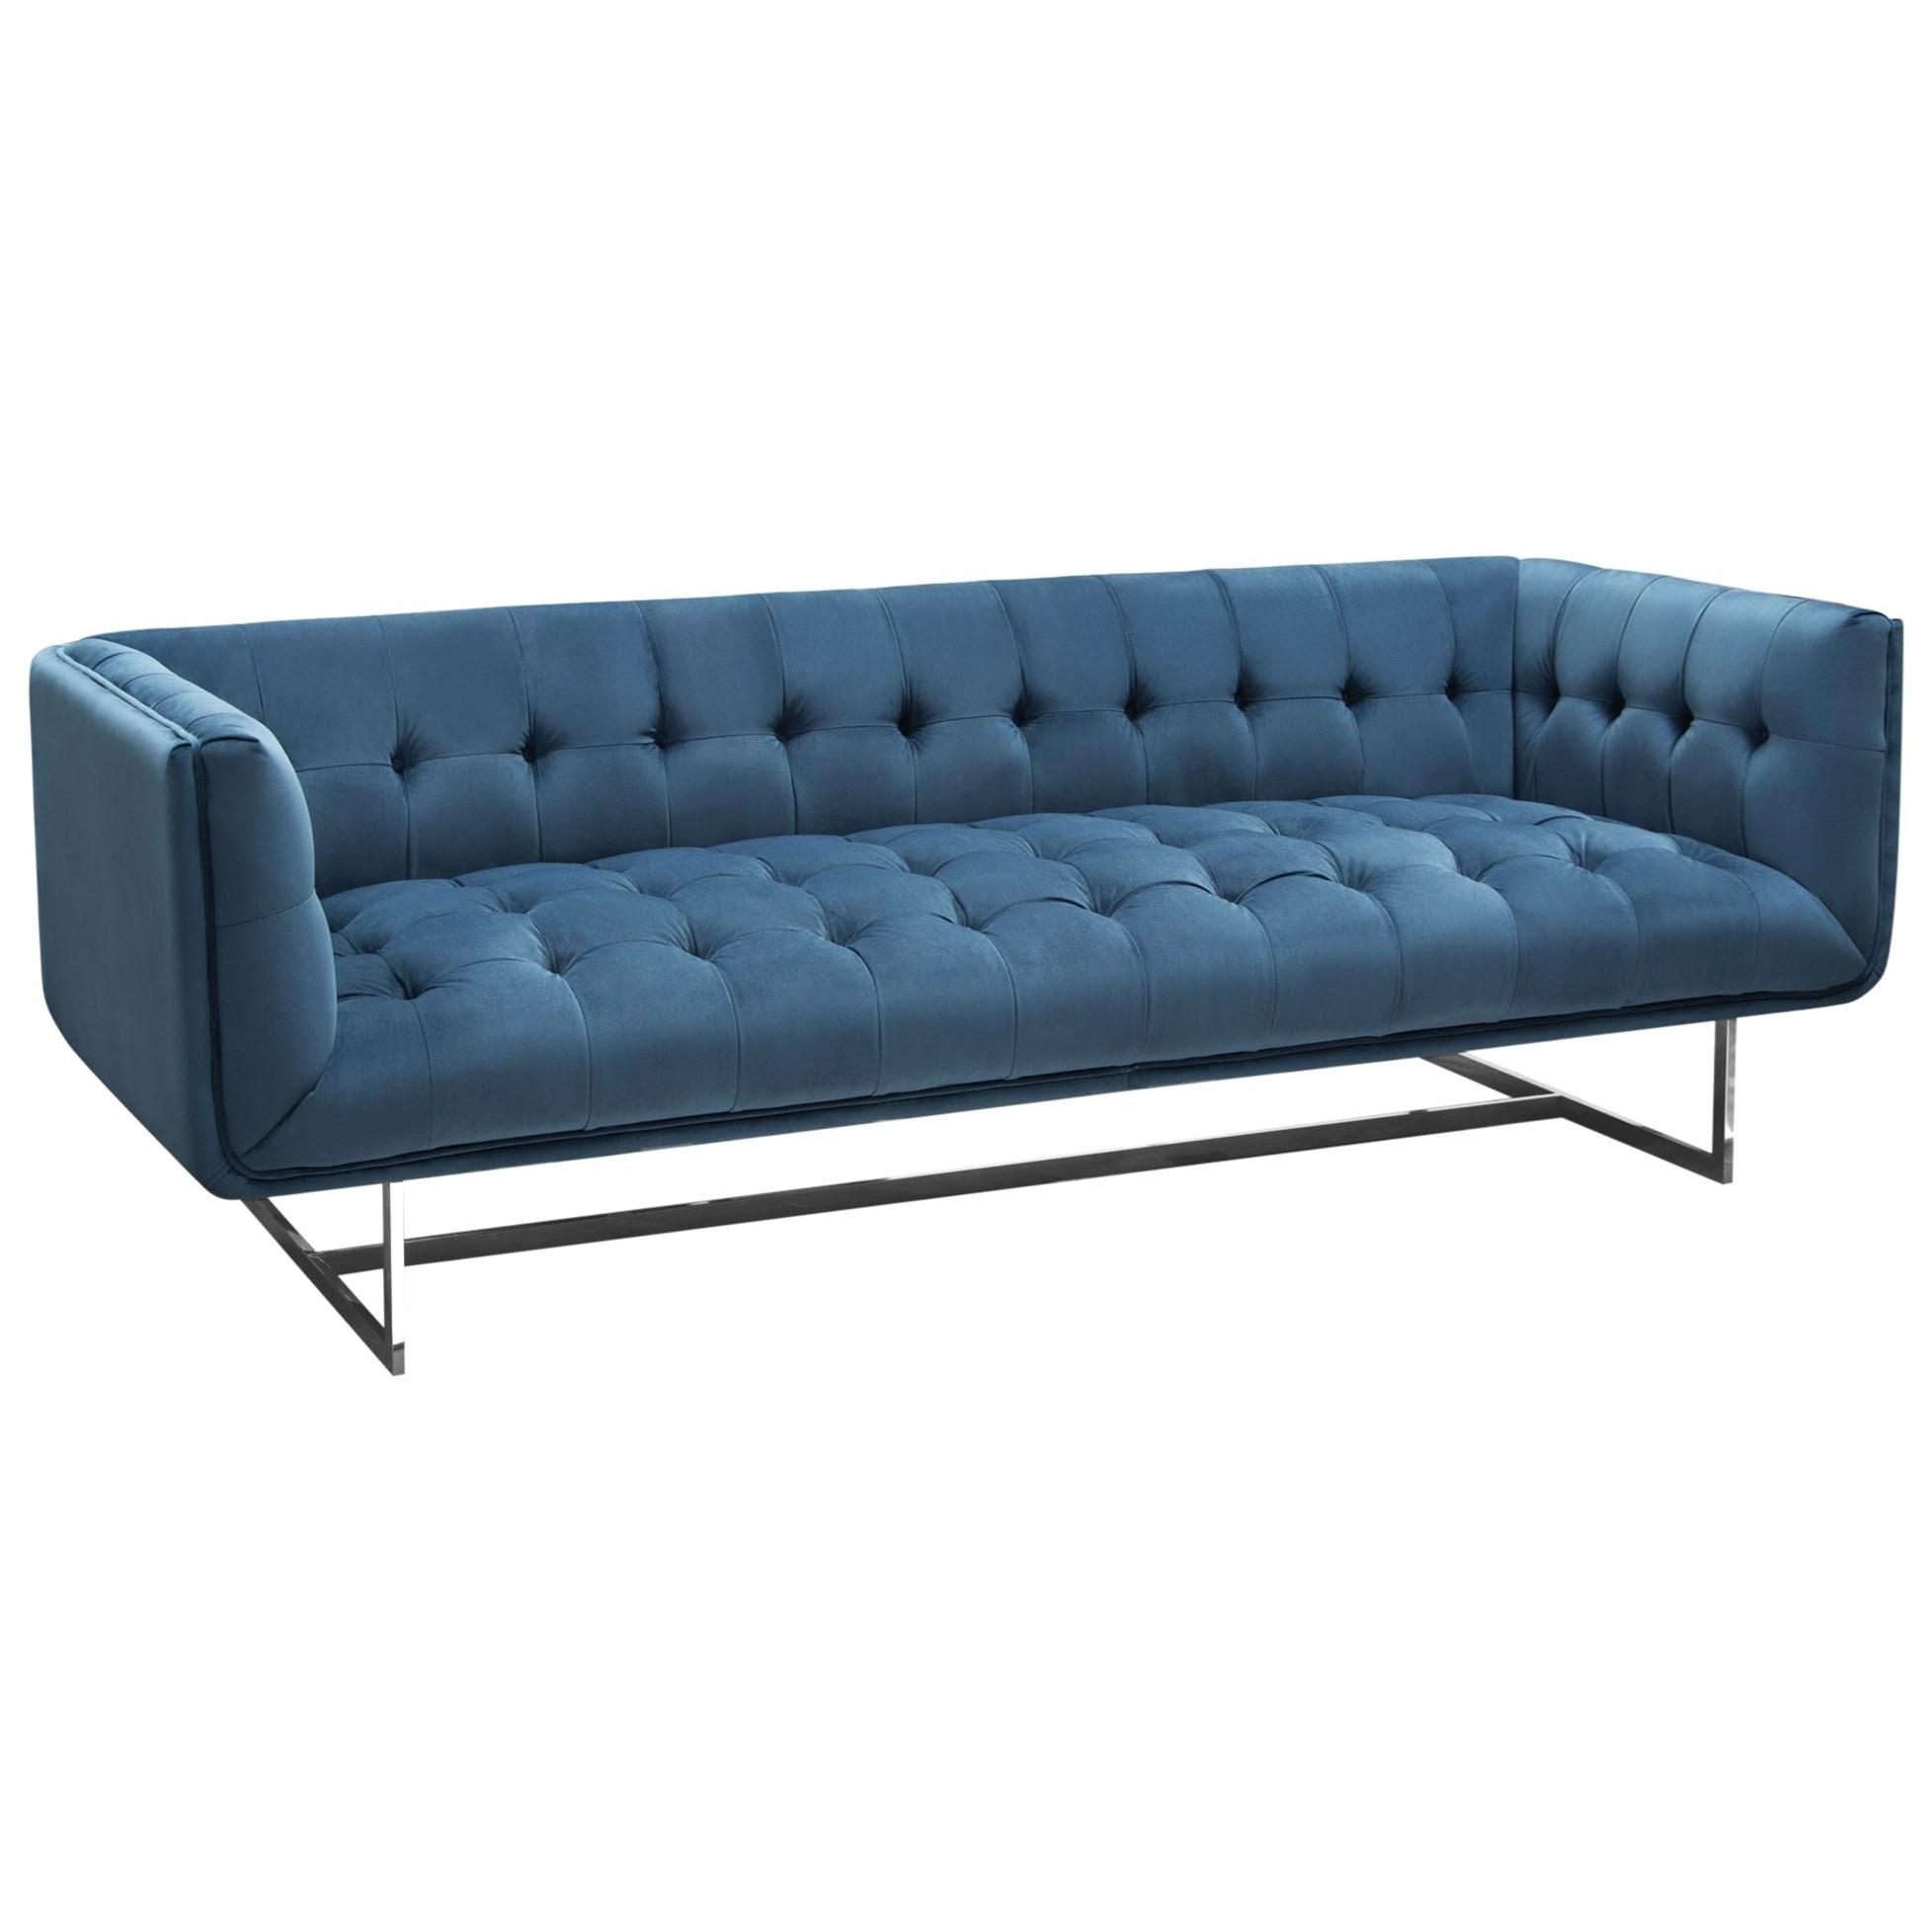 tufted sofa in royal blue velvet